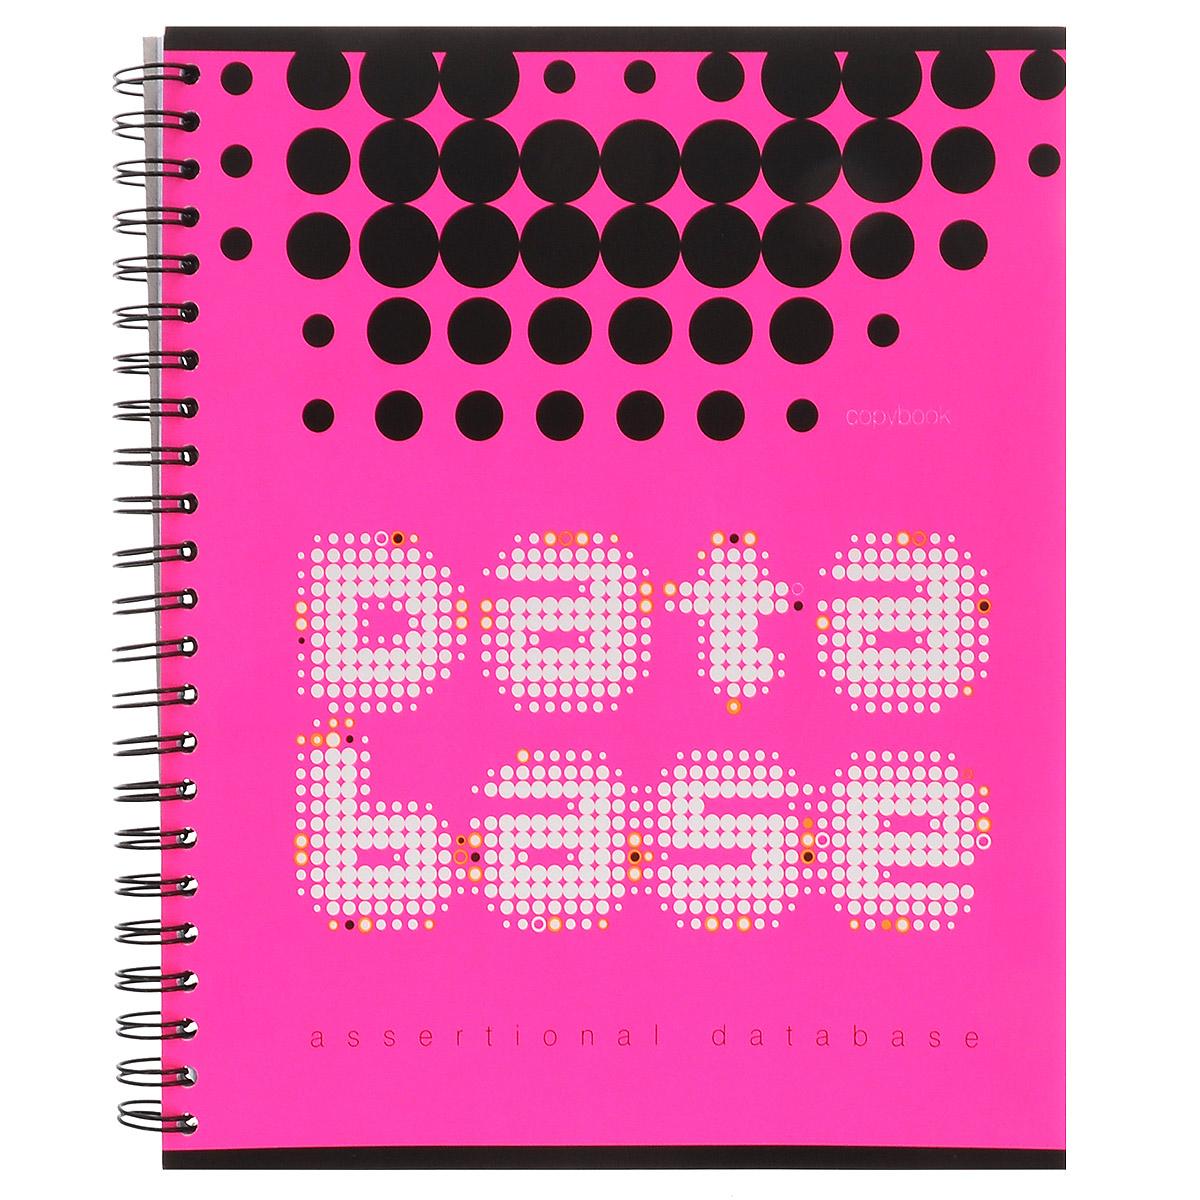 Полиграфика Тетрадь Database 96 листов в клетку цвет розовый черный4601921376272розовый,черныйТетрадь в клетку Полиграфика Database подойдет как школьнику так и в повседневной жизни. Внутренний блок состоит из 96 листов со стандартной линовкой в клетку без полей на стальном гребне. Такое практичное и надежное крепление позволяет вырывать листы и полностью открывать тетрадь на столе. Обложка выполнена из плотного картона с ярким принтом. Благодаря соединению листов на гребне обеспечивается быстрая и удобная навигация по страницам.